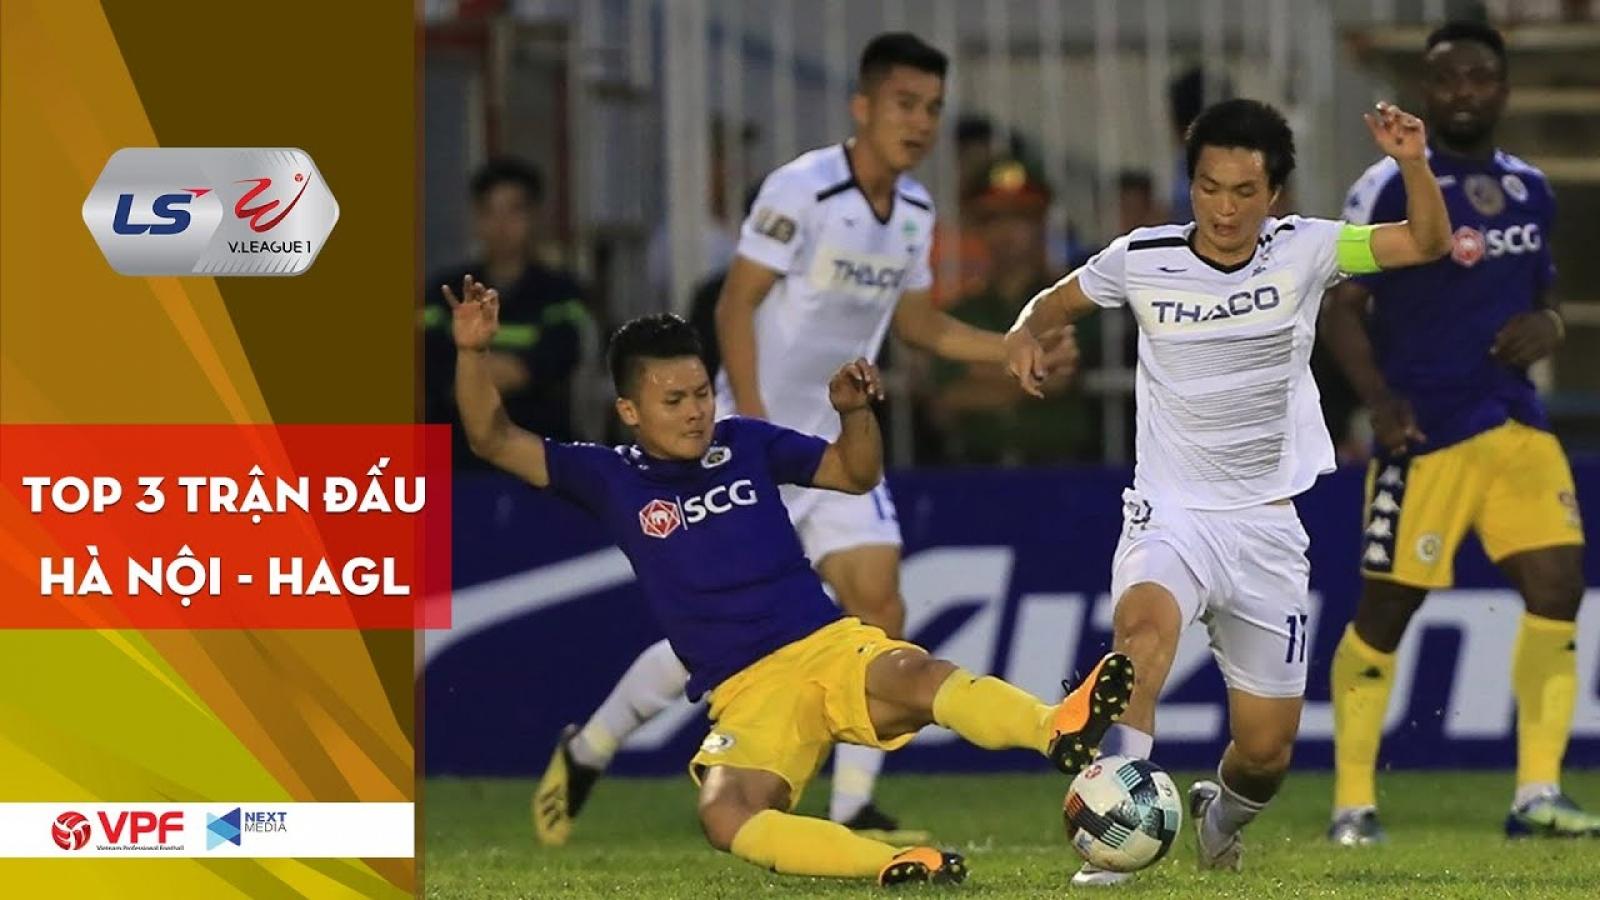 VIDEO: Những cuộc đối đầu kinh điển giữa Hà Nội FC và HAGL